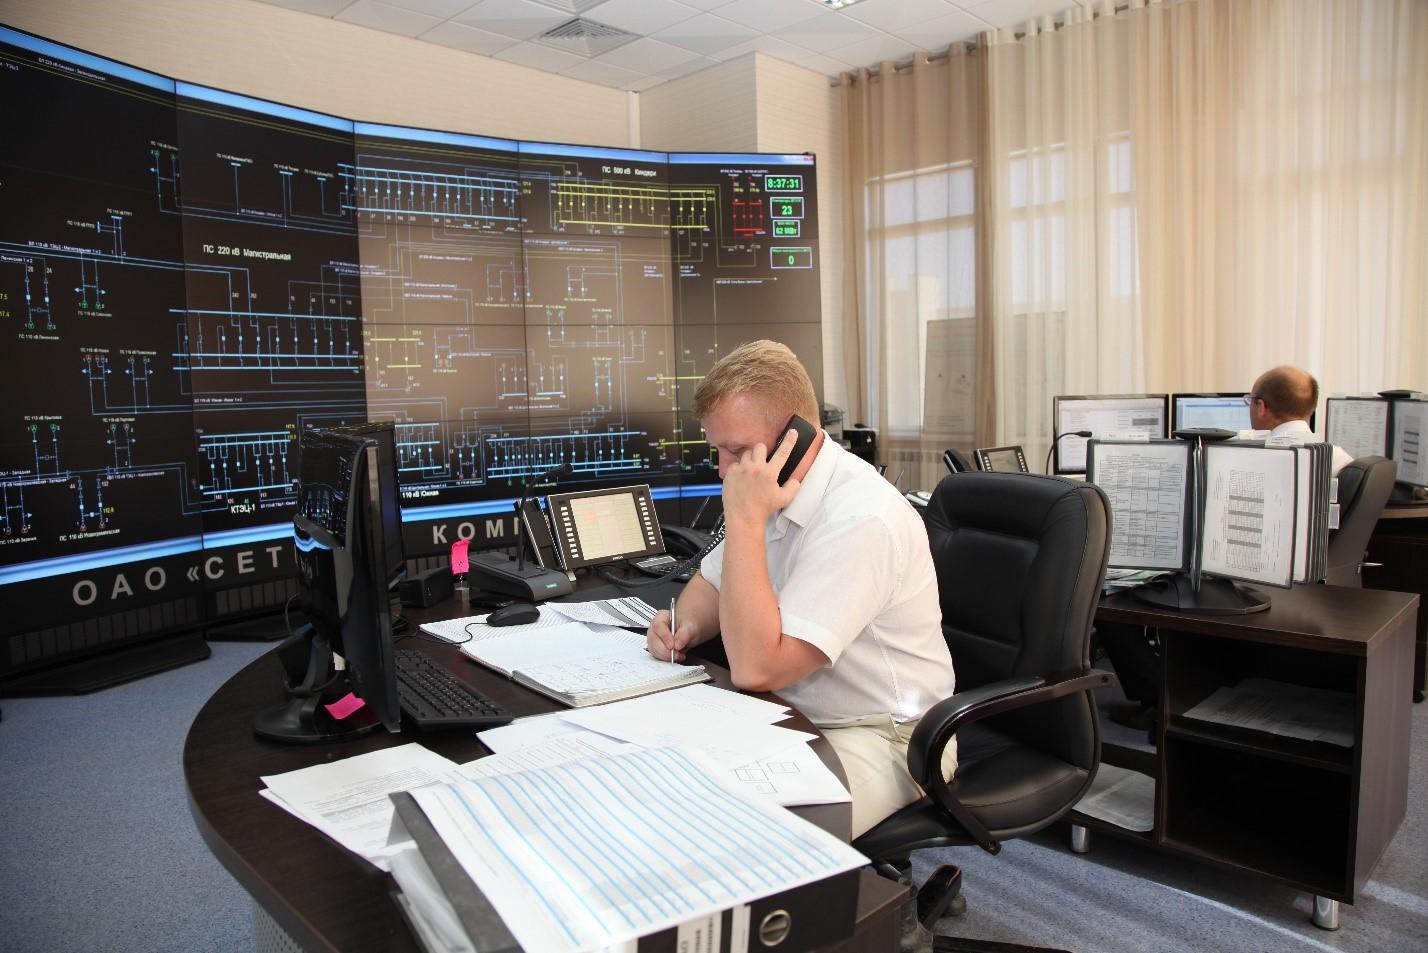 ОАО «Сетевая компания» реализовала проект по автоматическому дистанционному управлению оборудованием подстанции